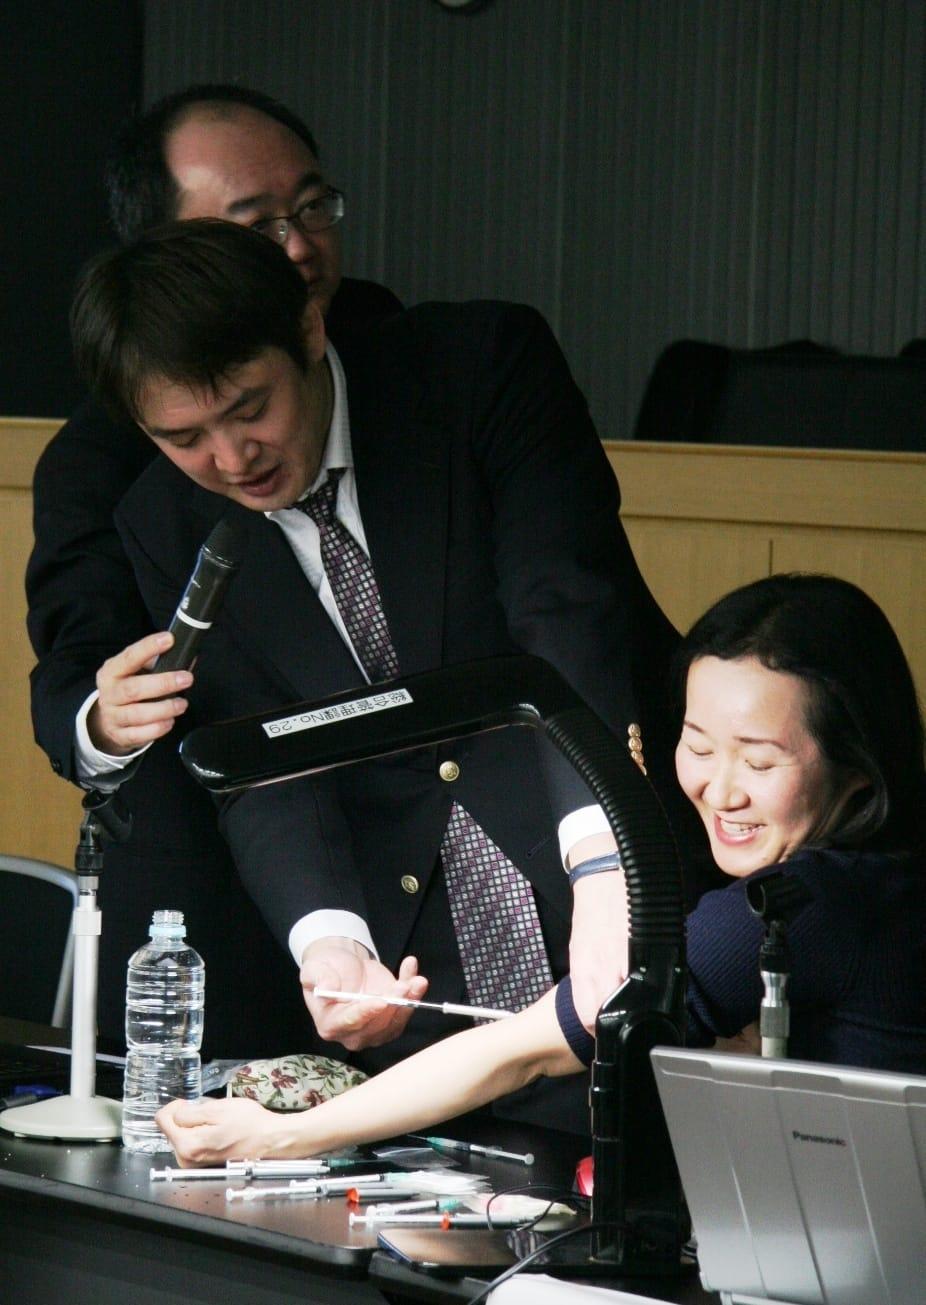 平成25年1月22日、大阪弁護士会での三者の連携に関する研修会の模様